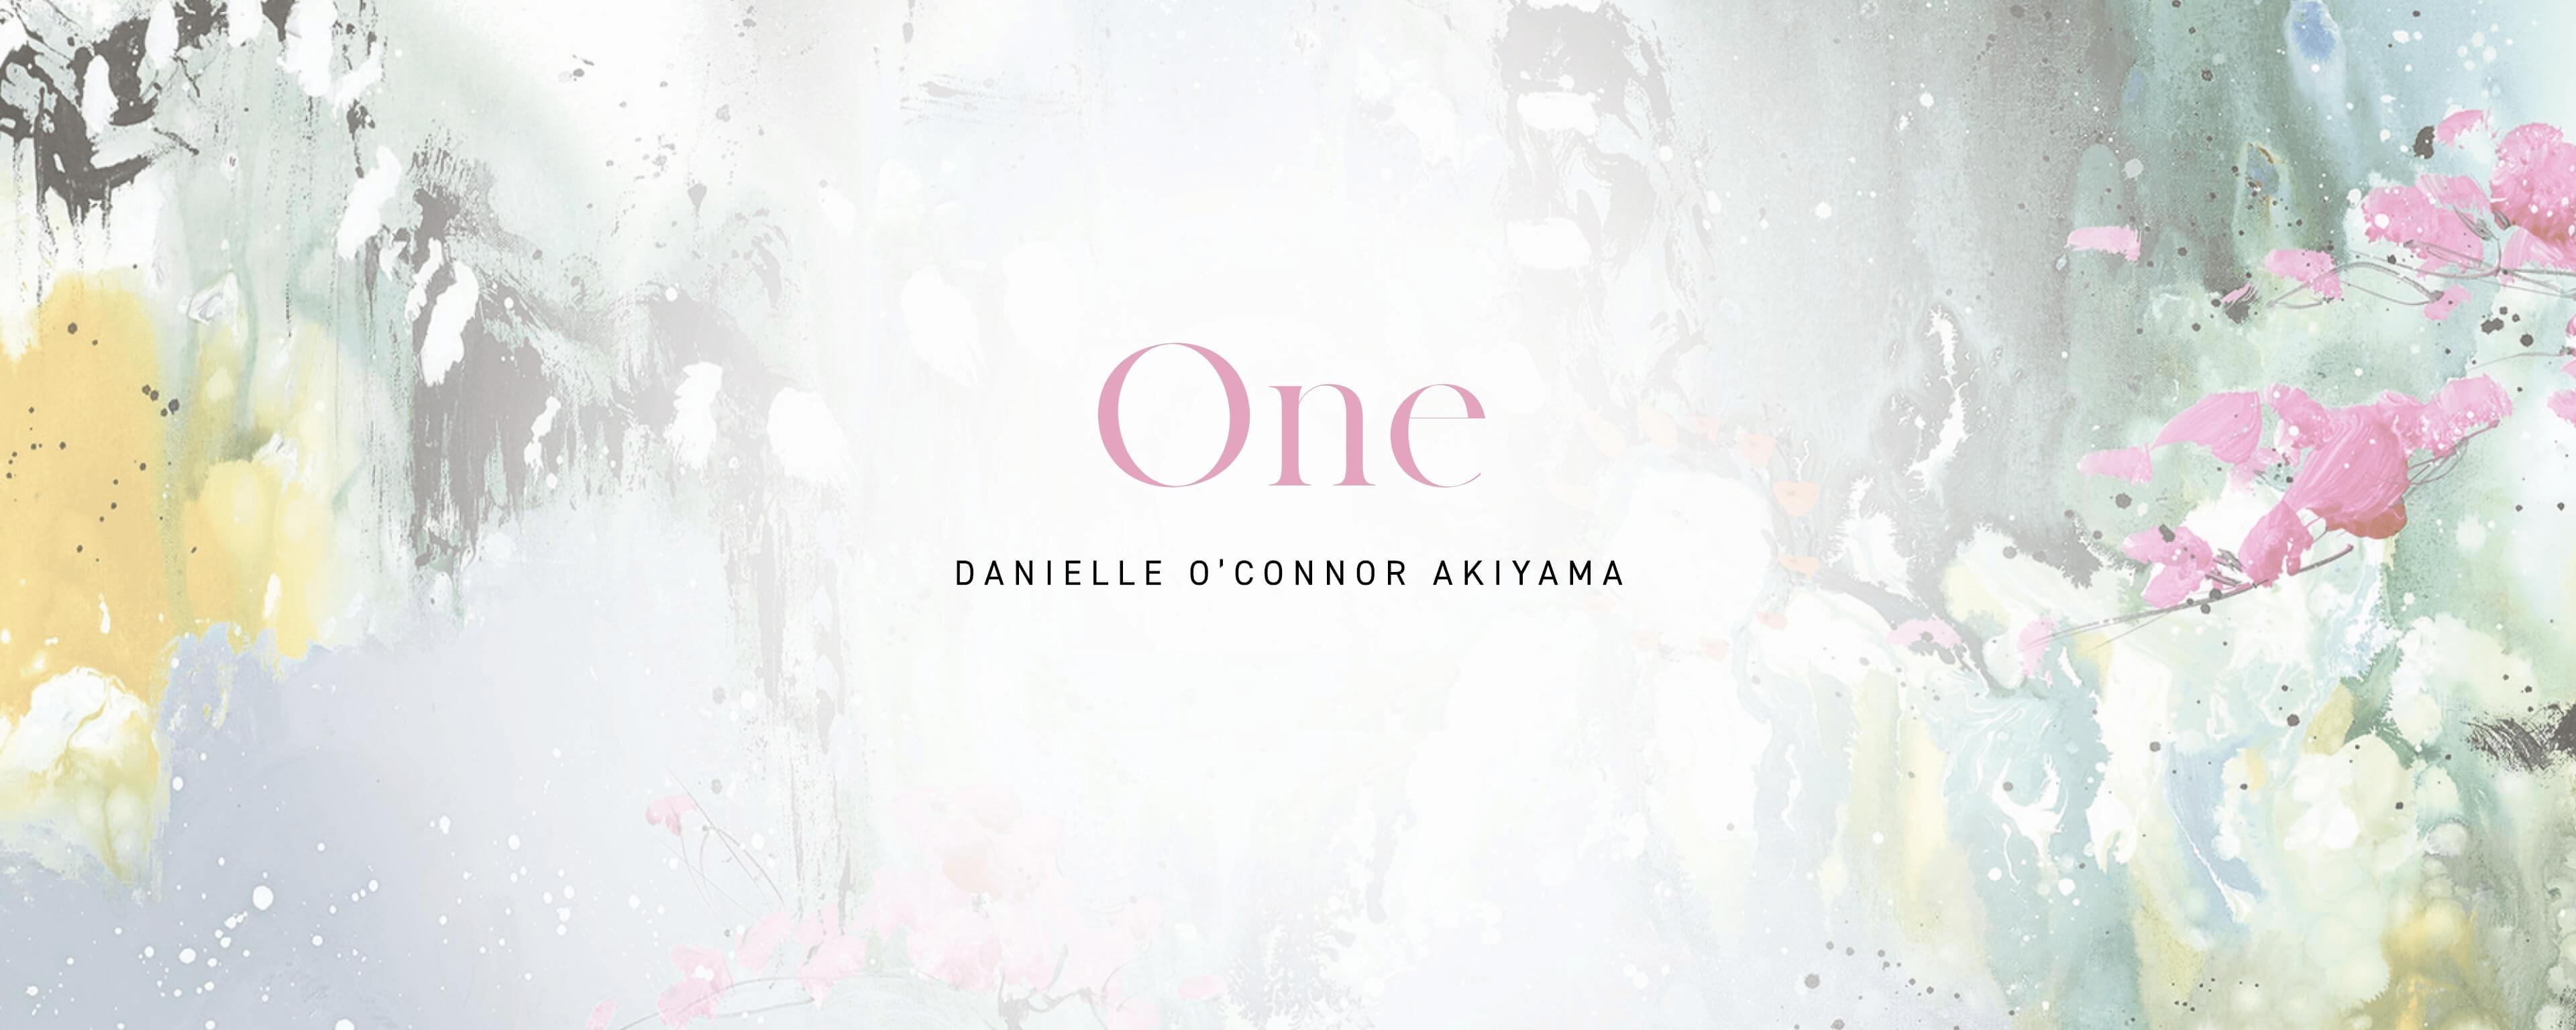 Danielle O'Connor Akiyama – 'ONE'